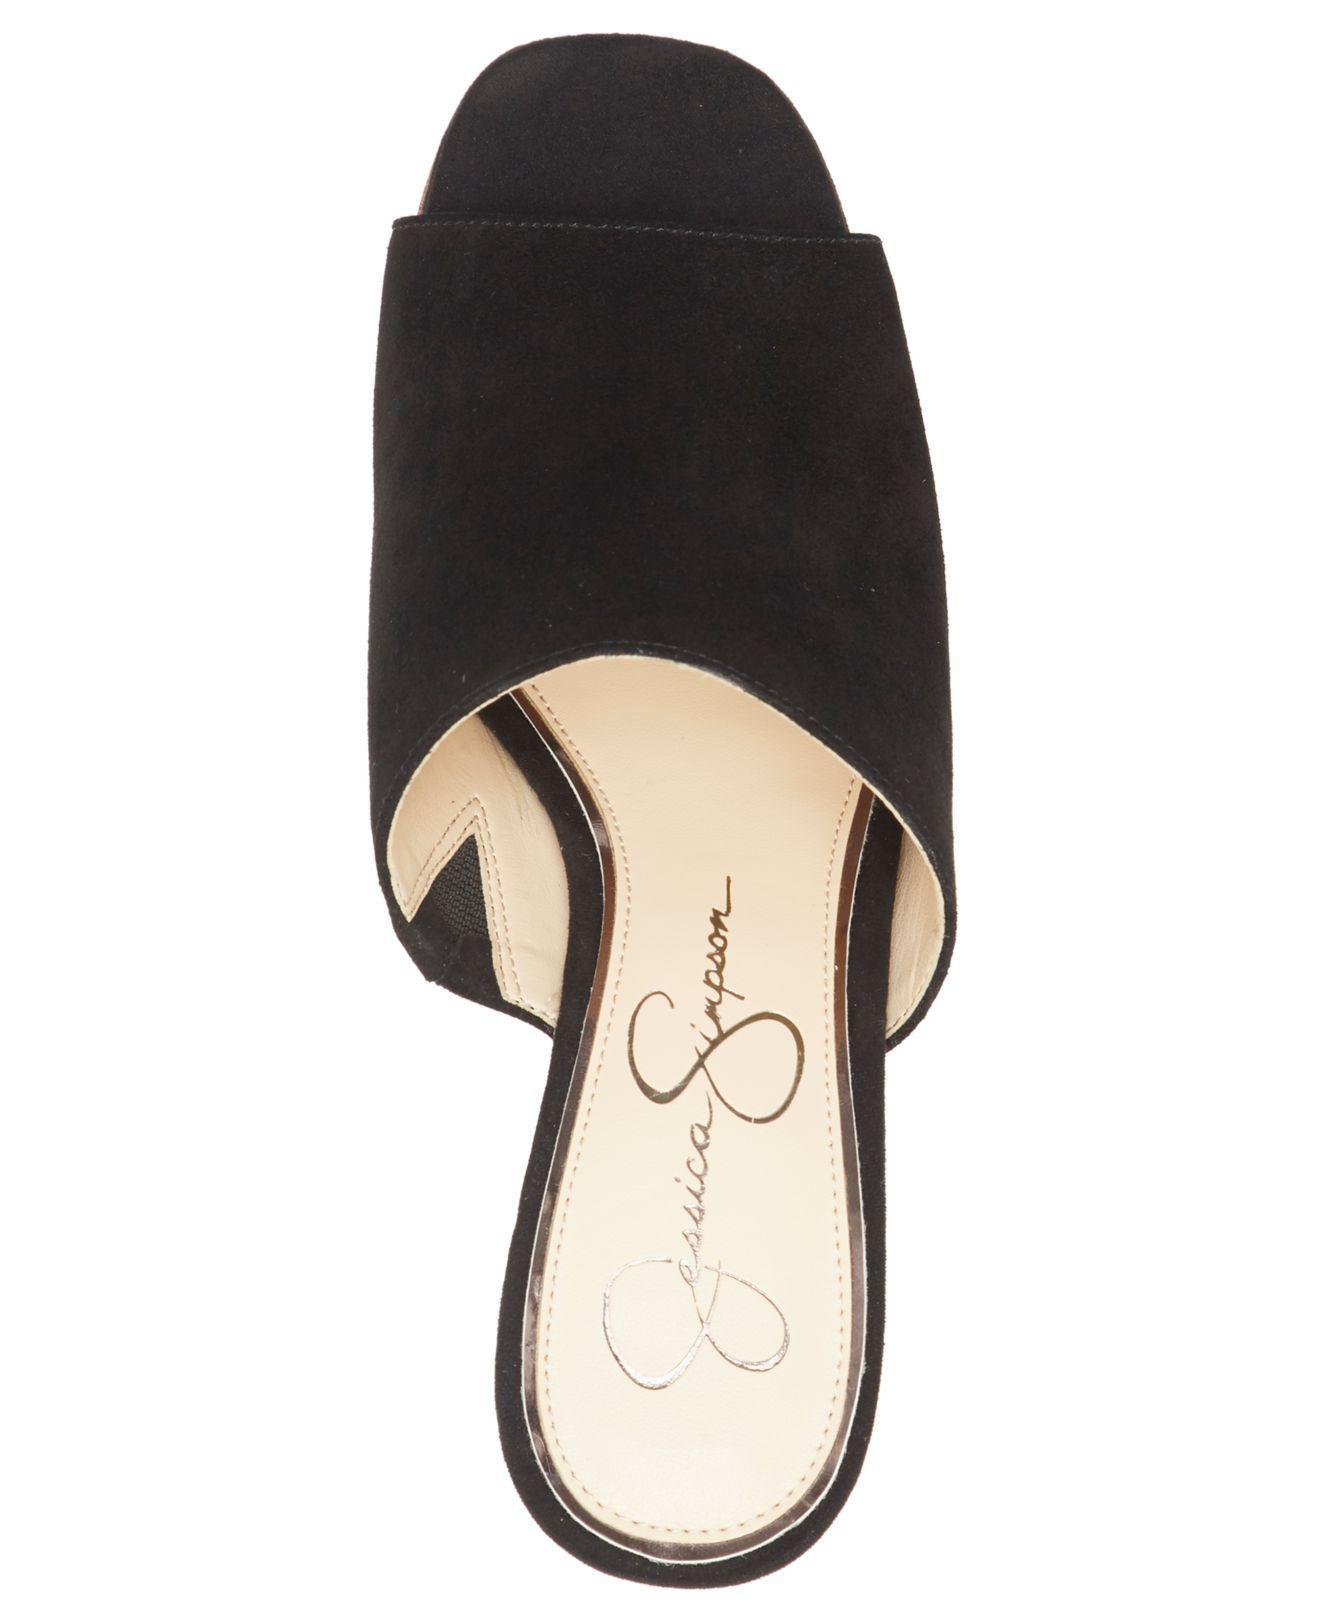 Jessica Simpson Camree Platform Sandal